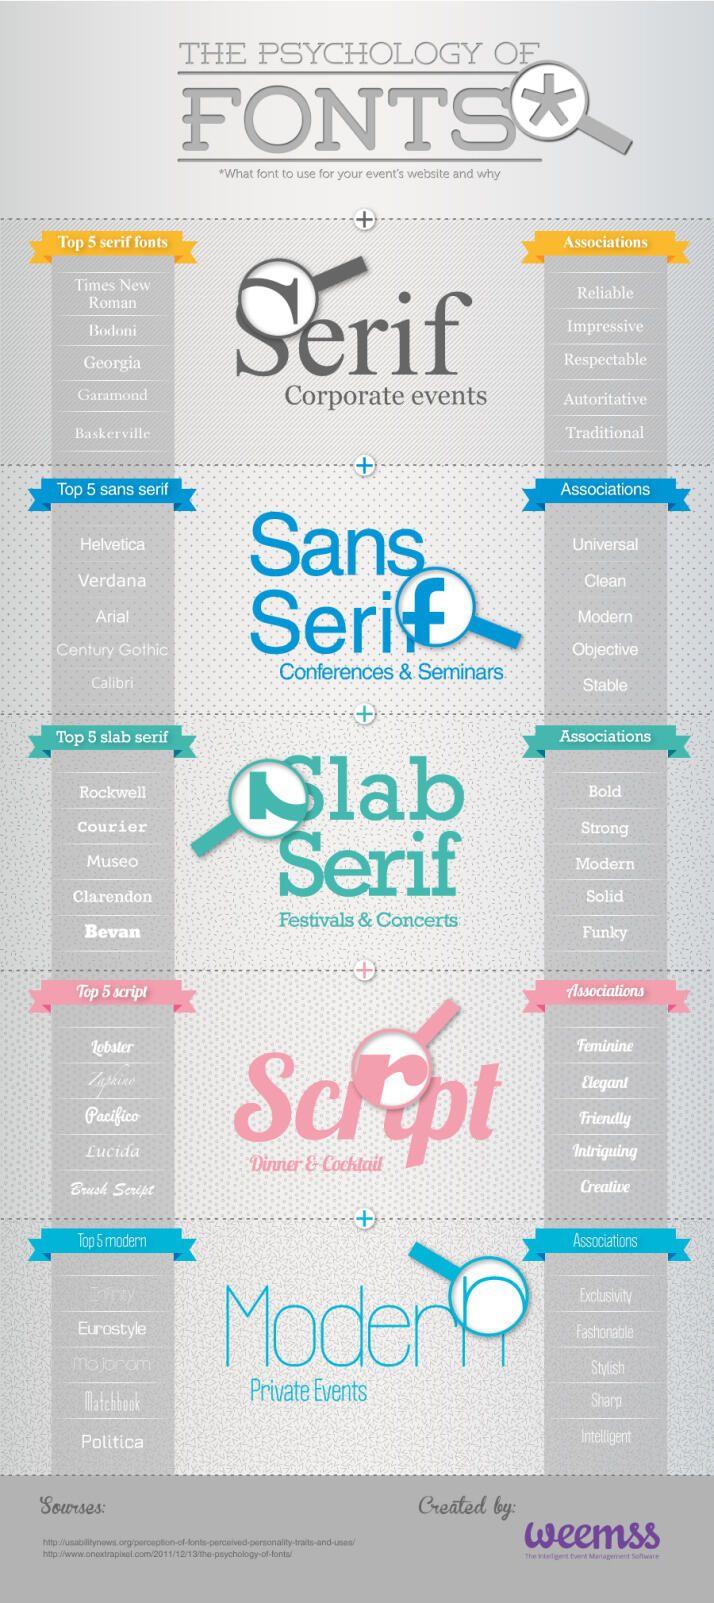 트위터 / semanticamedia: La tipografía que usamos dice ...